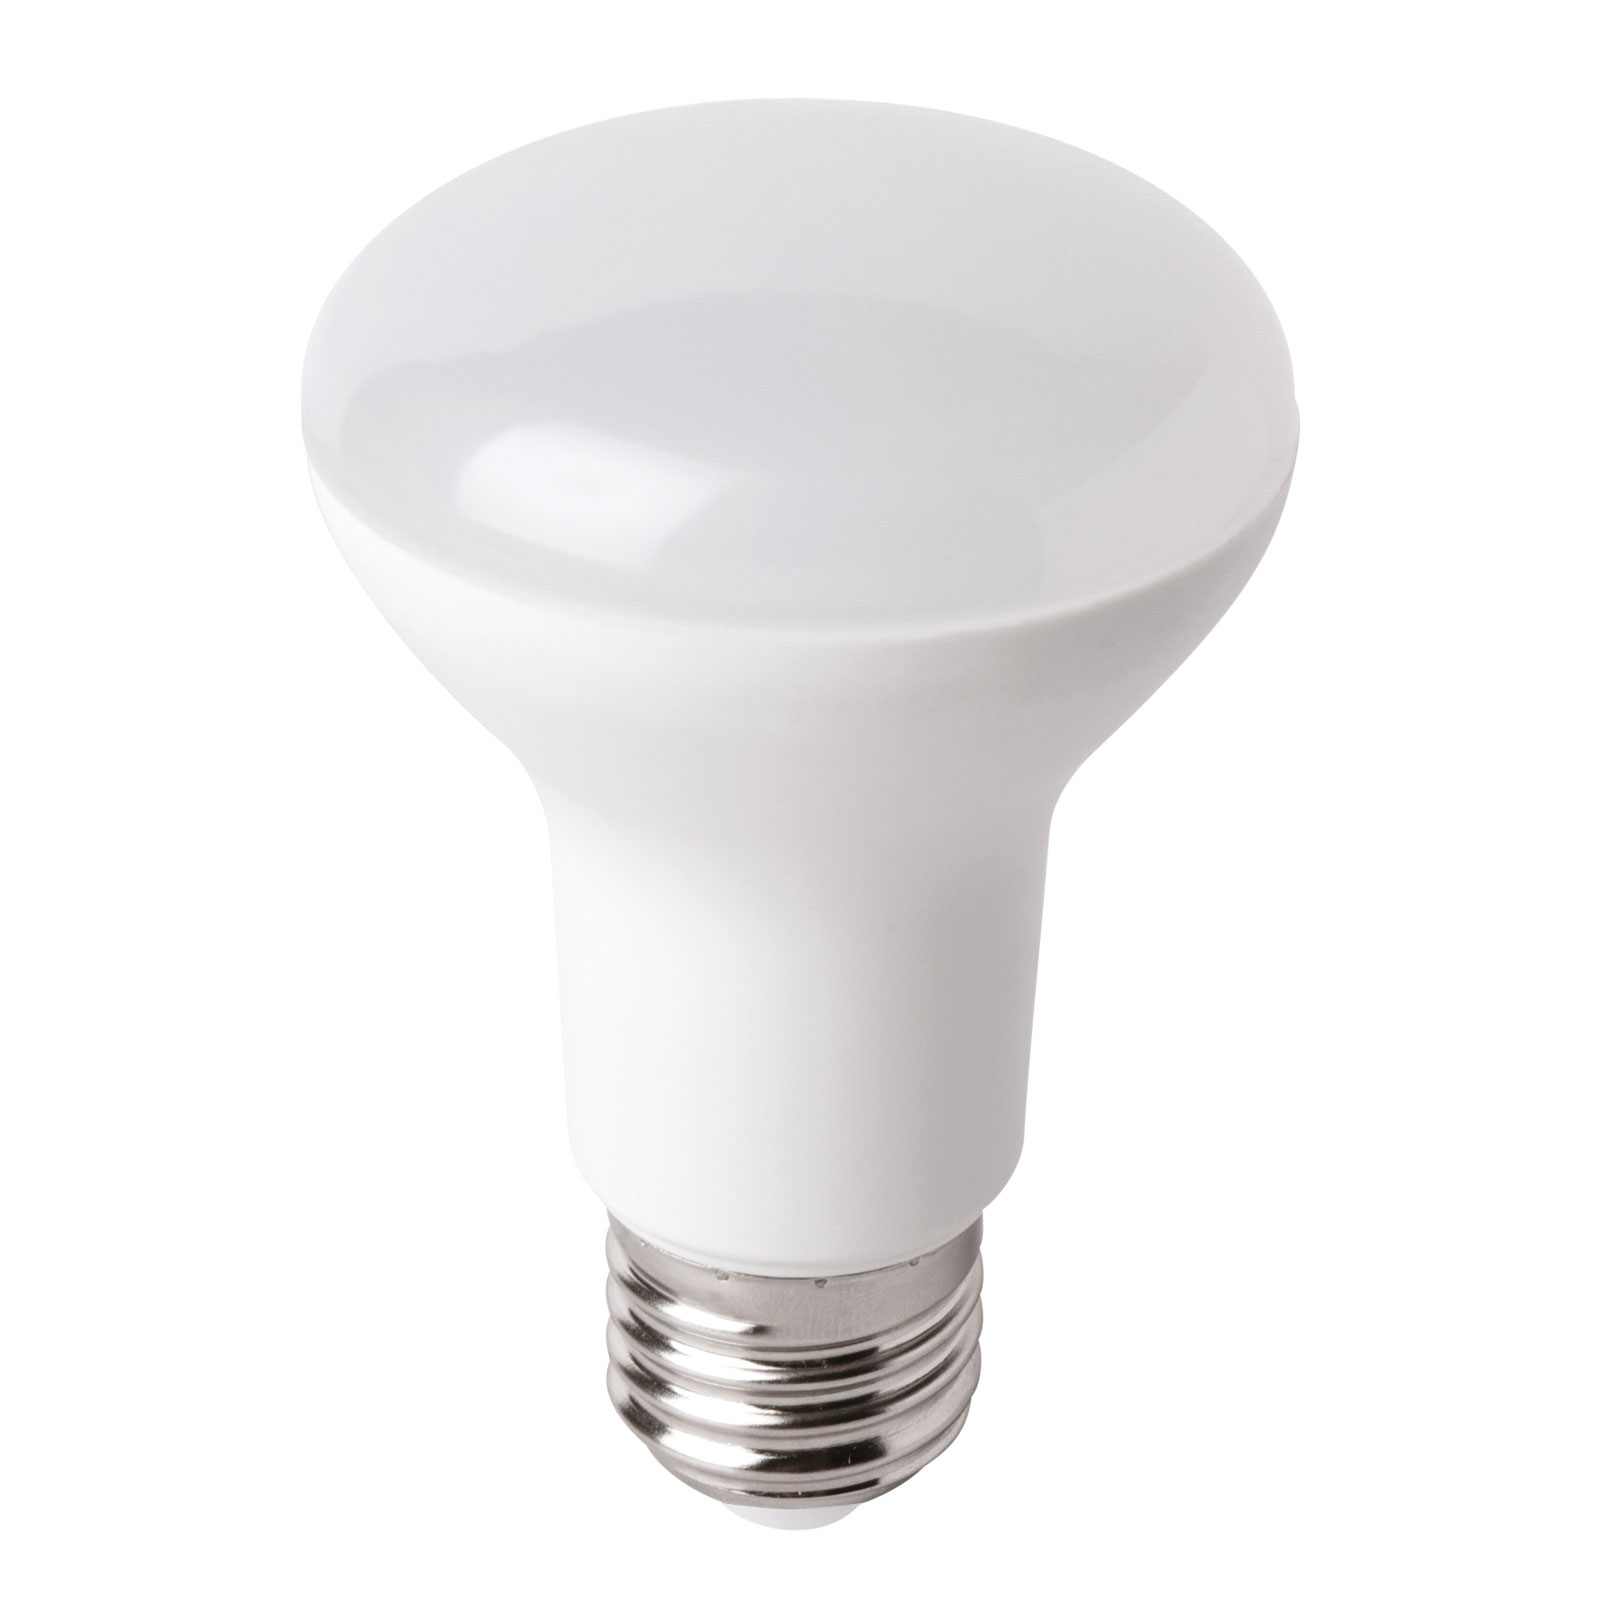 LED-reflektor E27 R63 7,5W, varmhvit